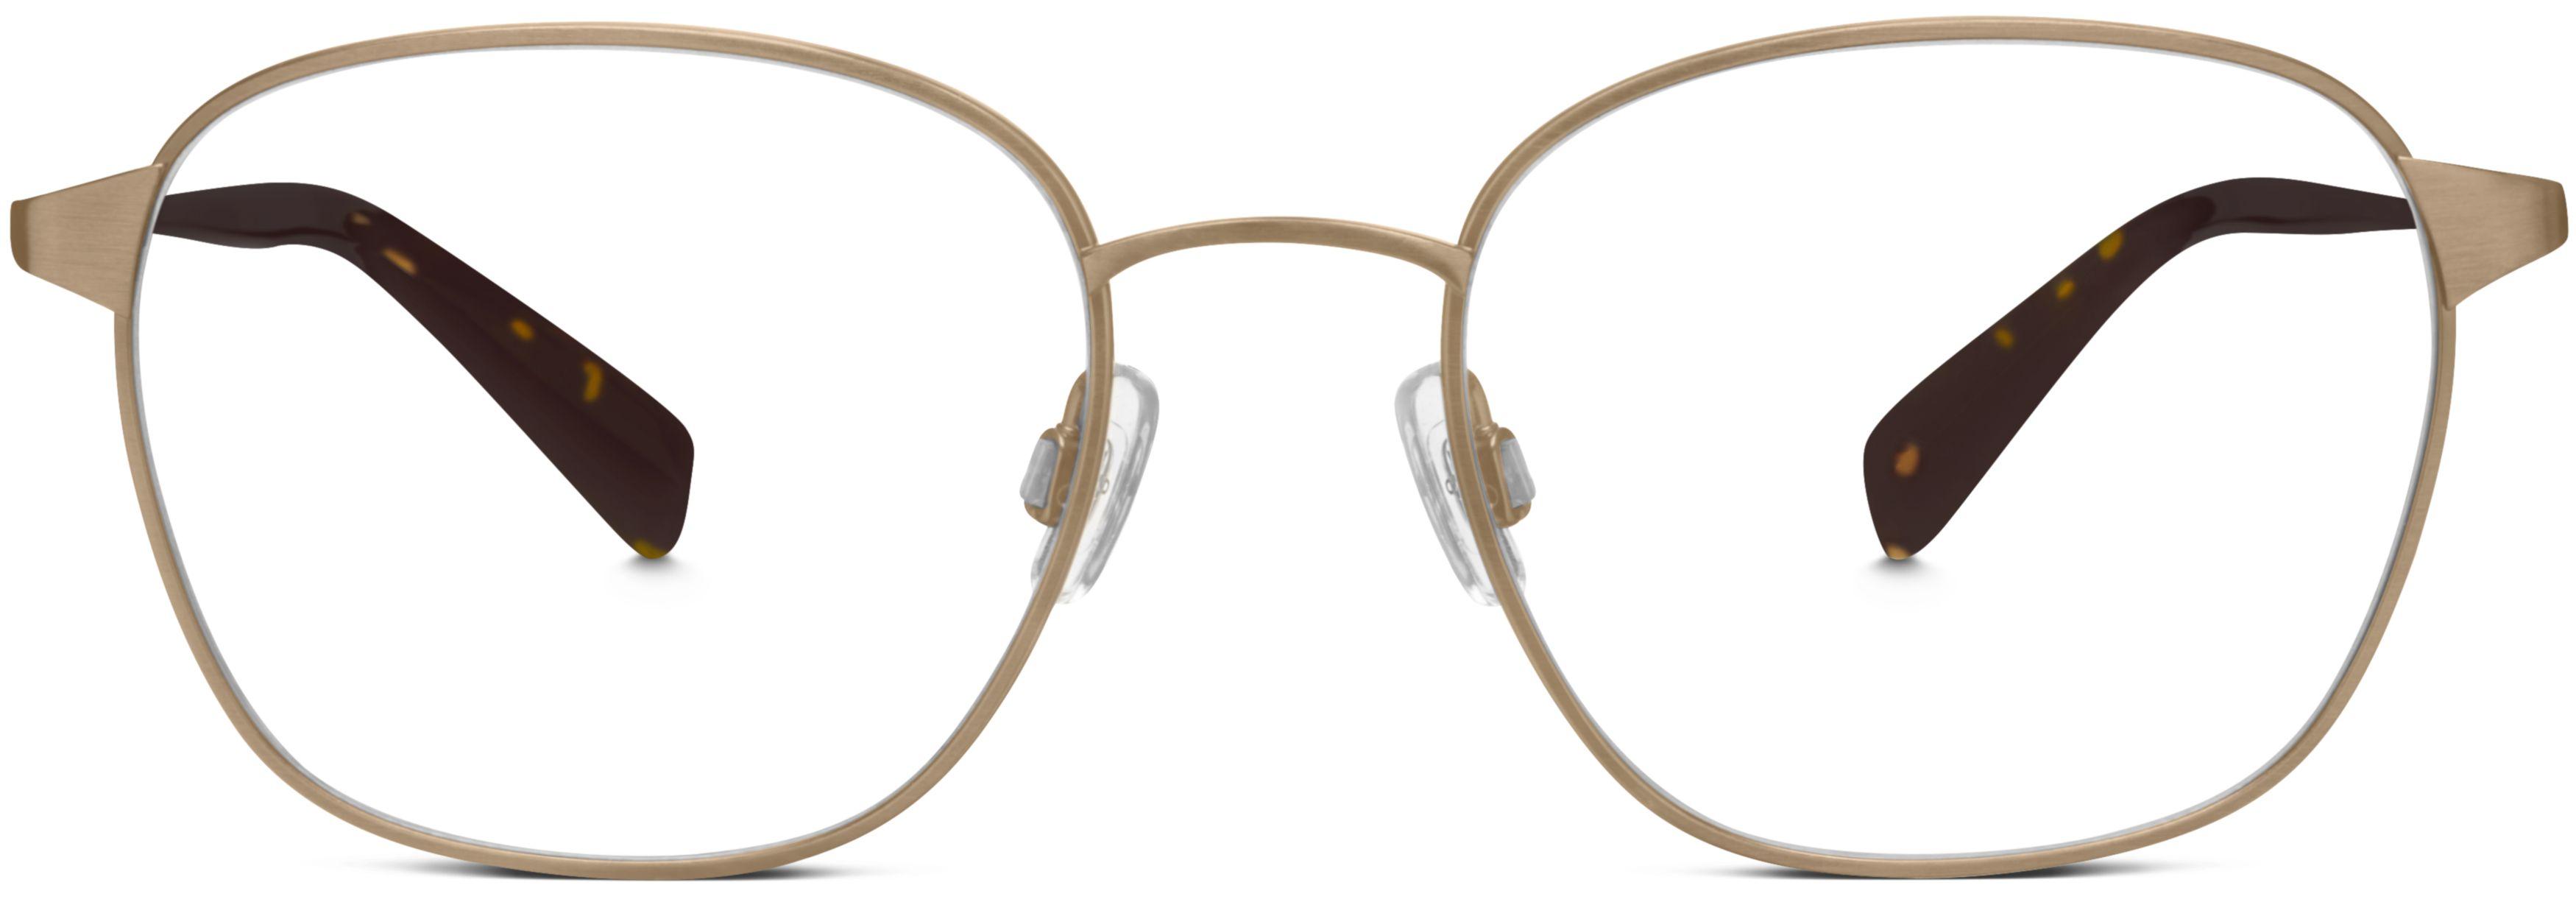 Nesbit Eyeglasses in Heritage Bronze for Men | Warby Parker